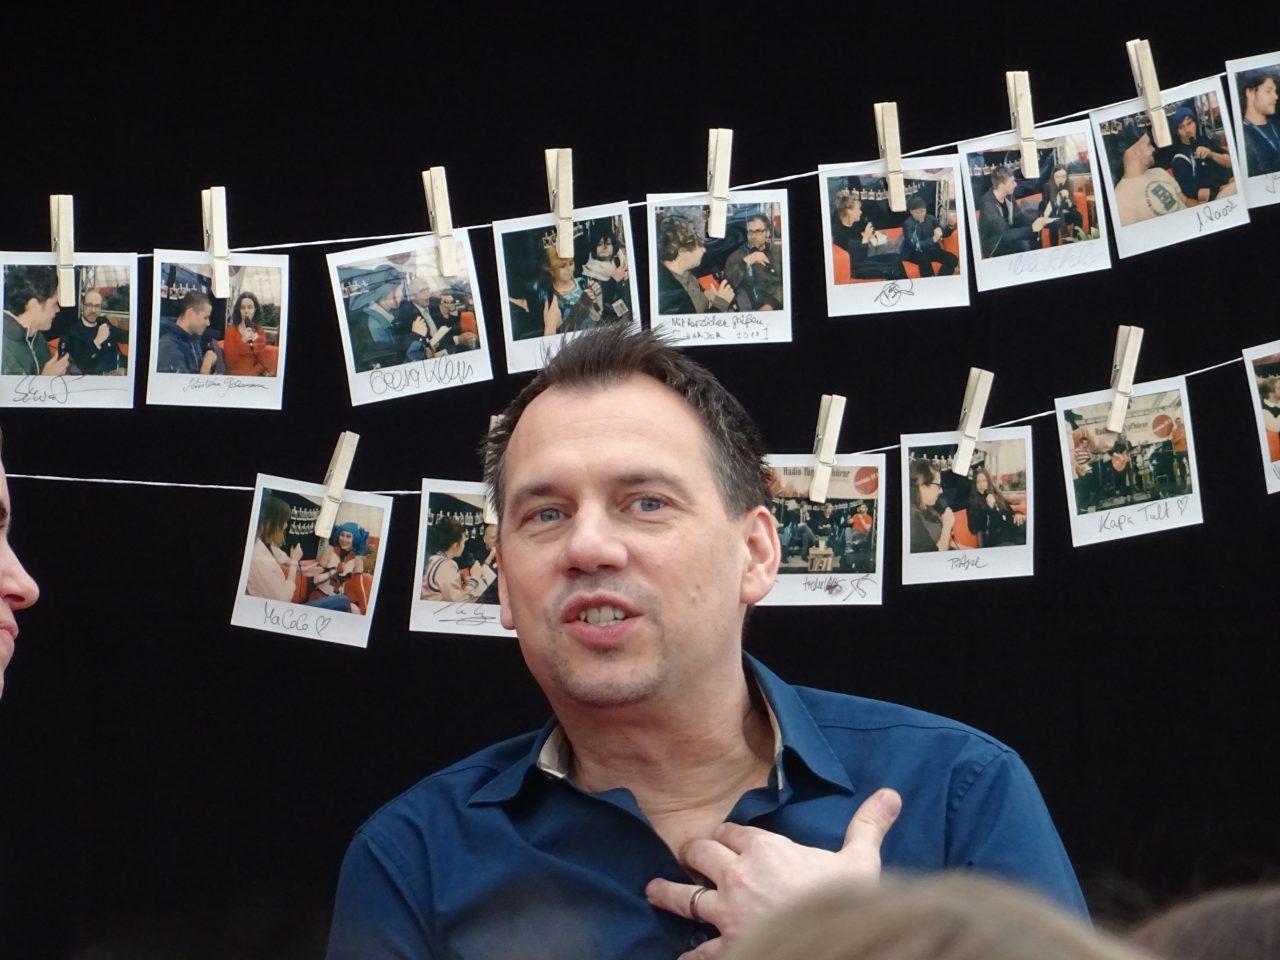 Der Krimiautor Sebastian Fitzek bei einem Interview.